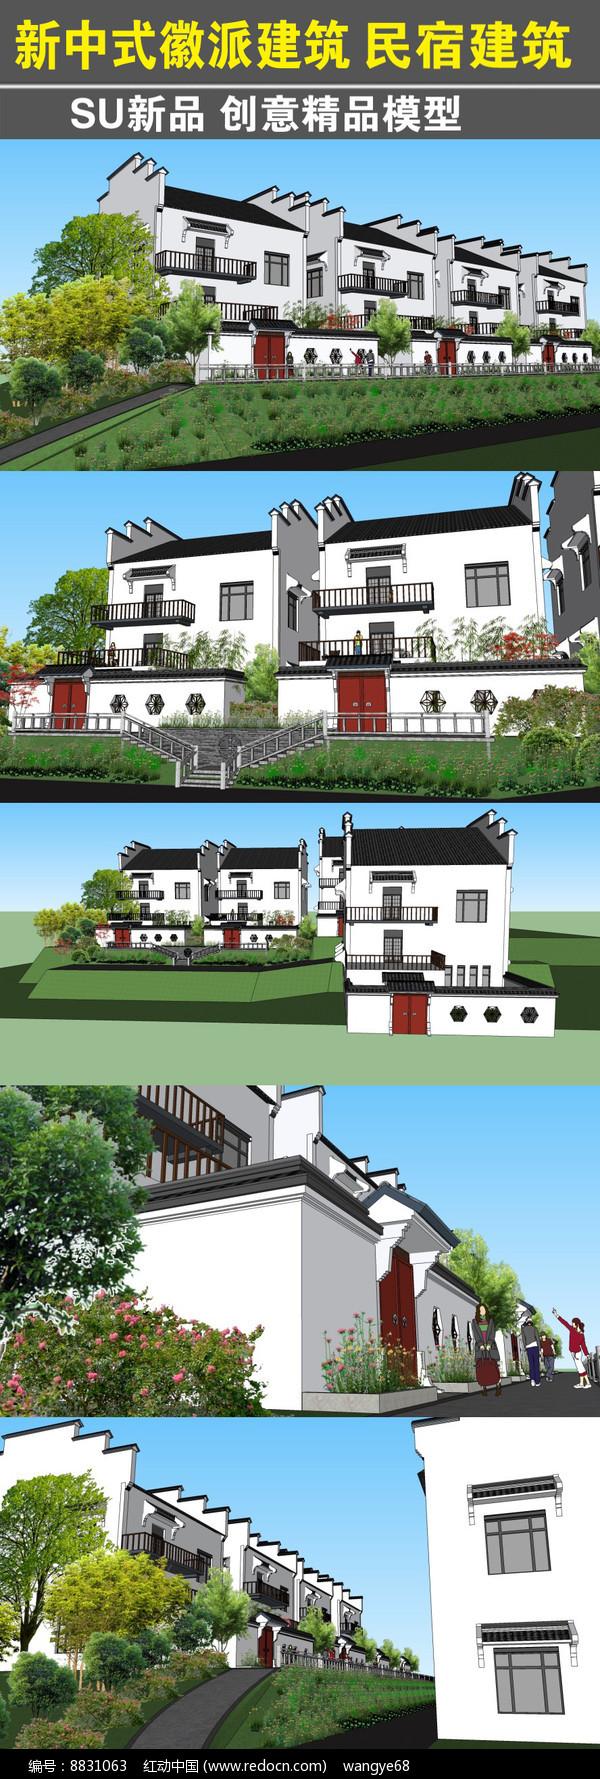 新中式徽派建筑民宿SU模型图片